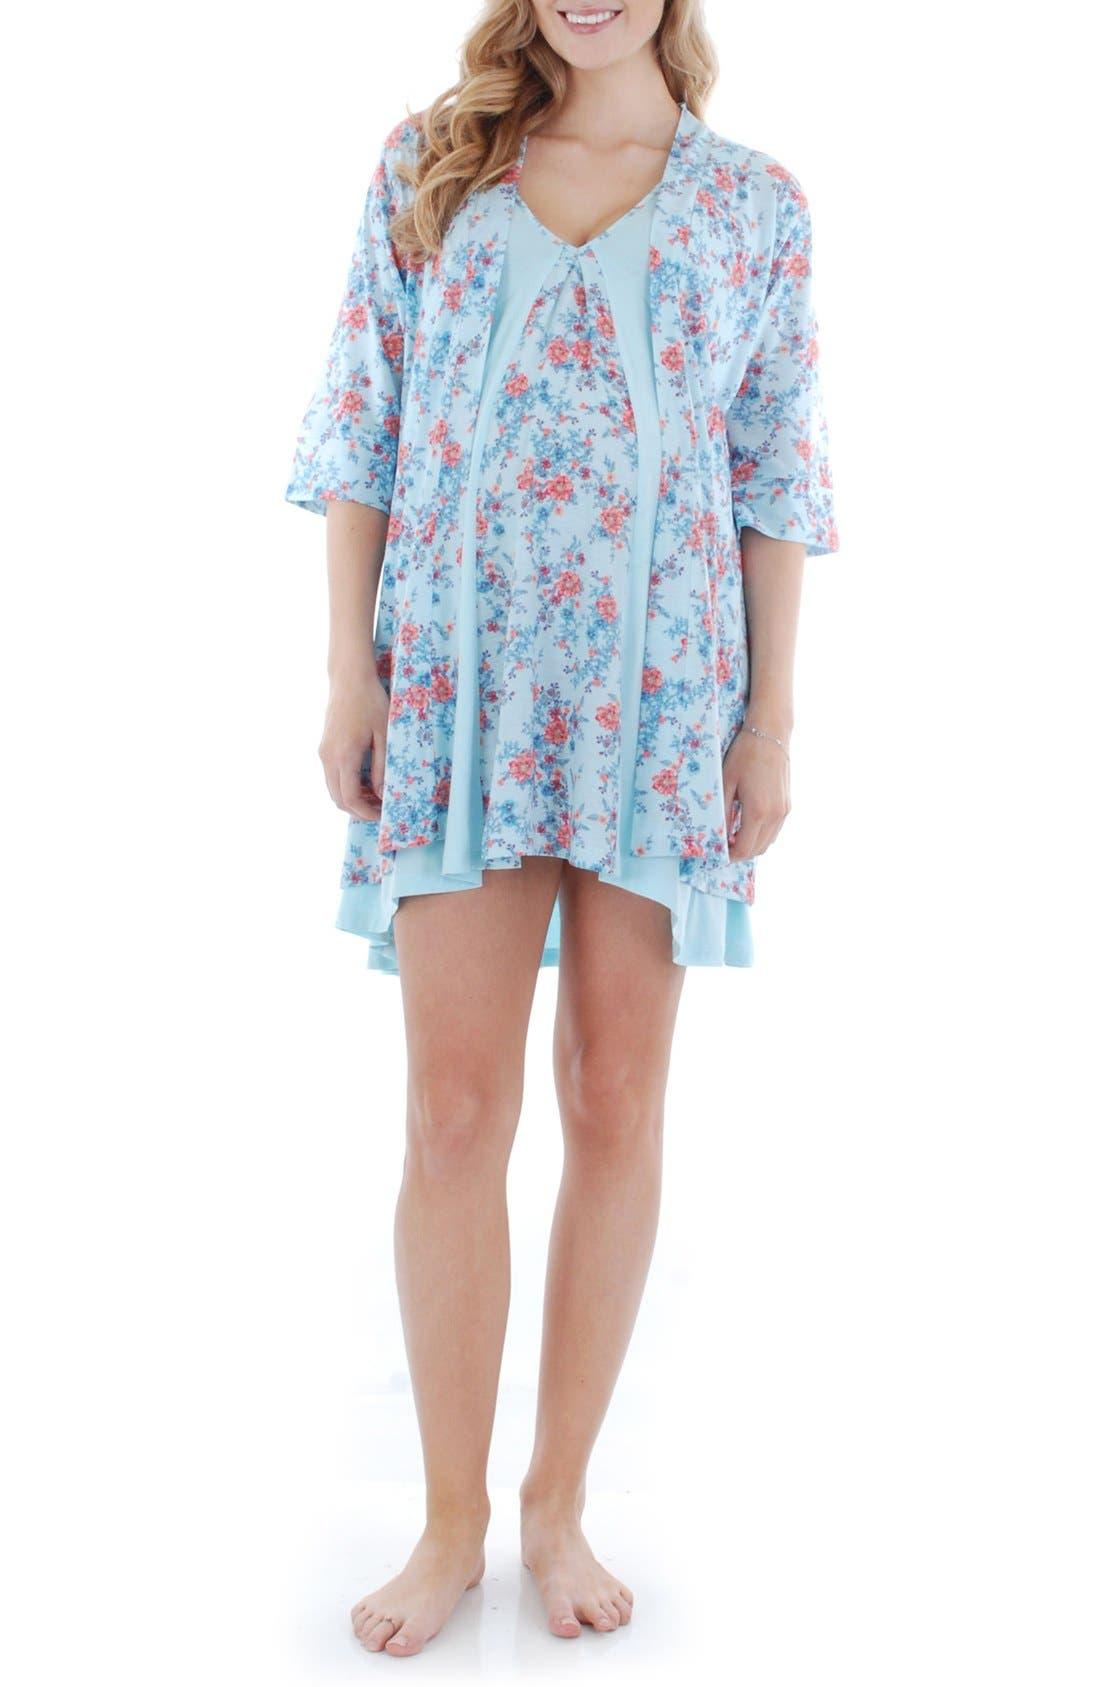 Dawn 4-Piece Maternity/nursing Pajama Set